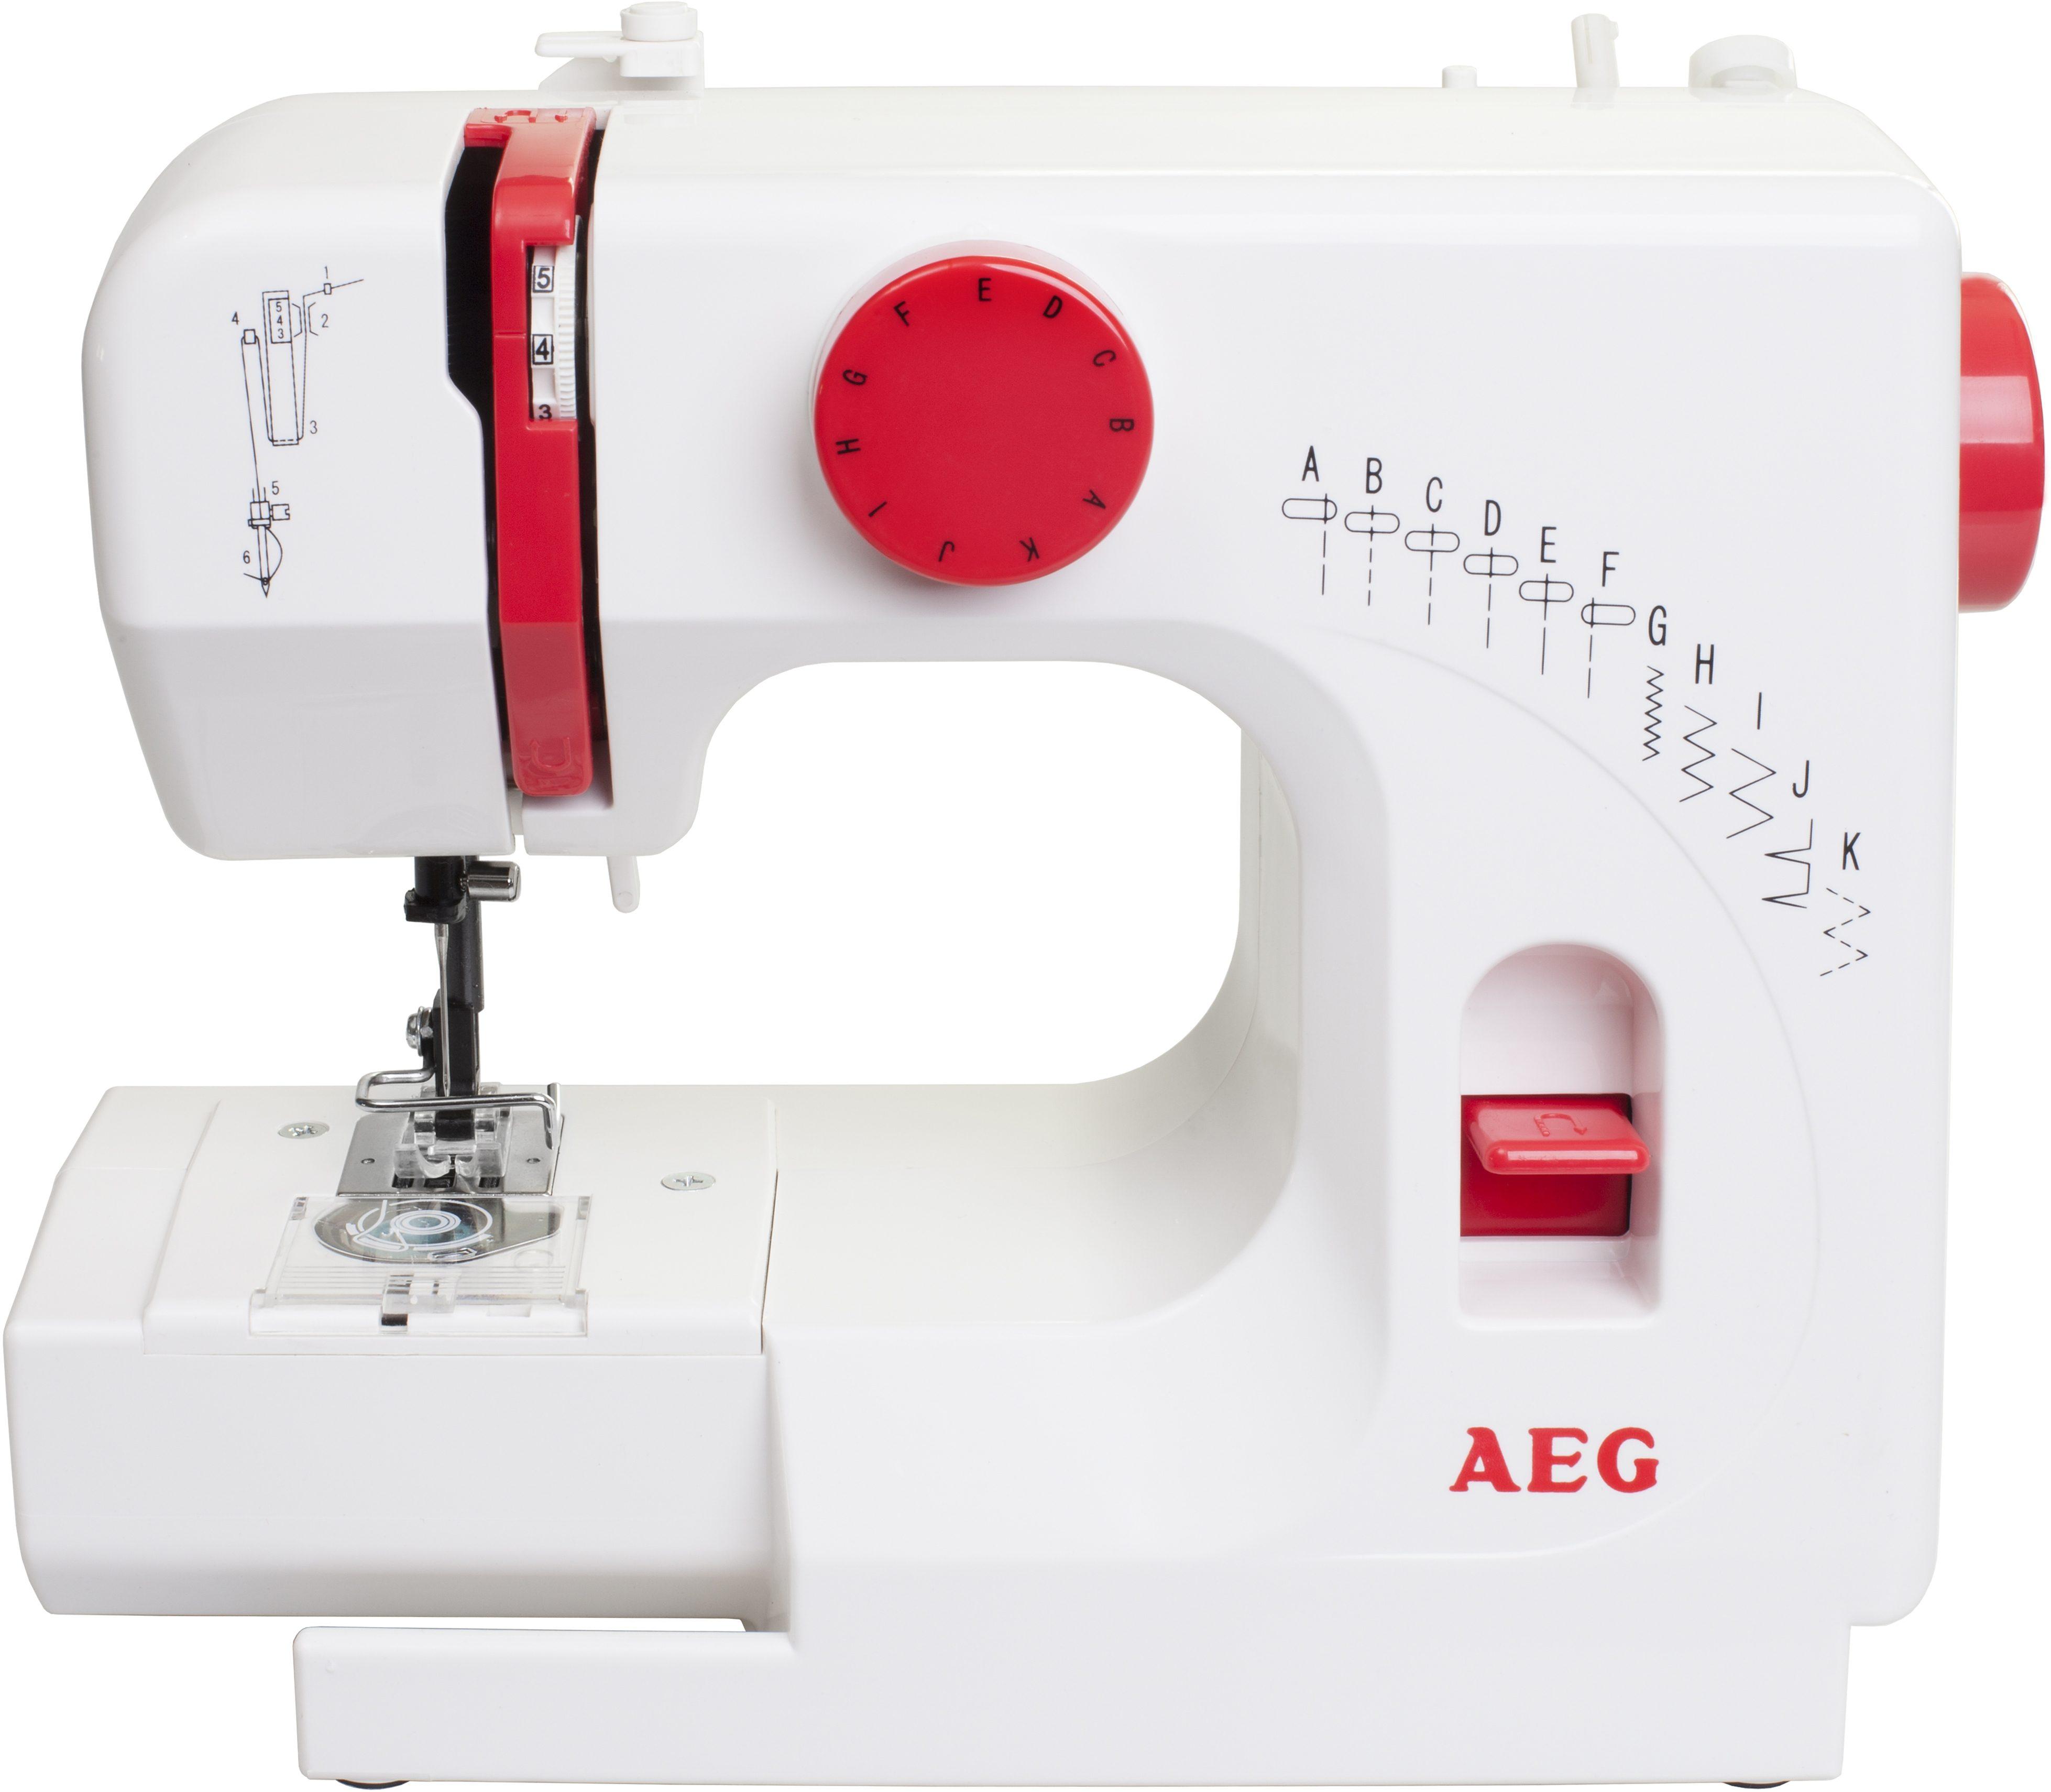 AEG Nähmaschine NM-525A, 11 Programme, klein, kompakt und handlich, mit Zubehör